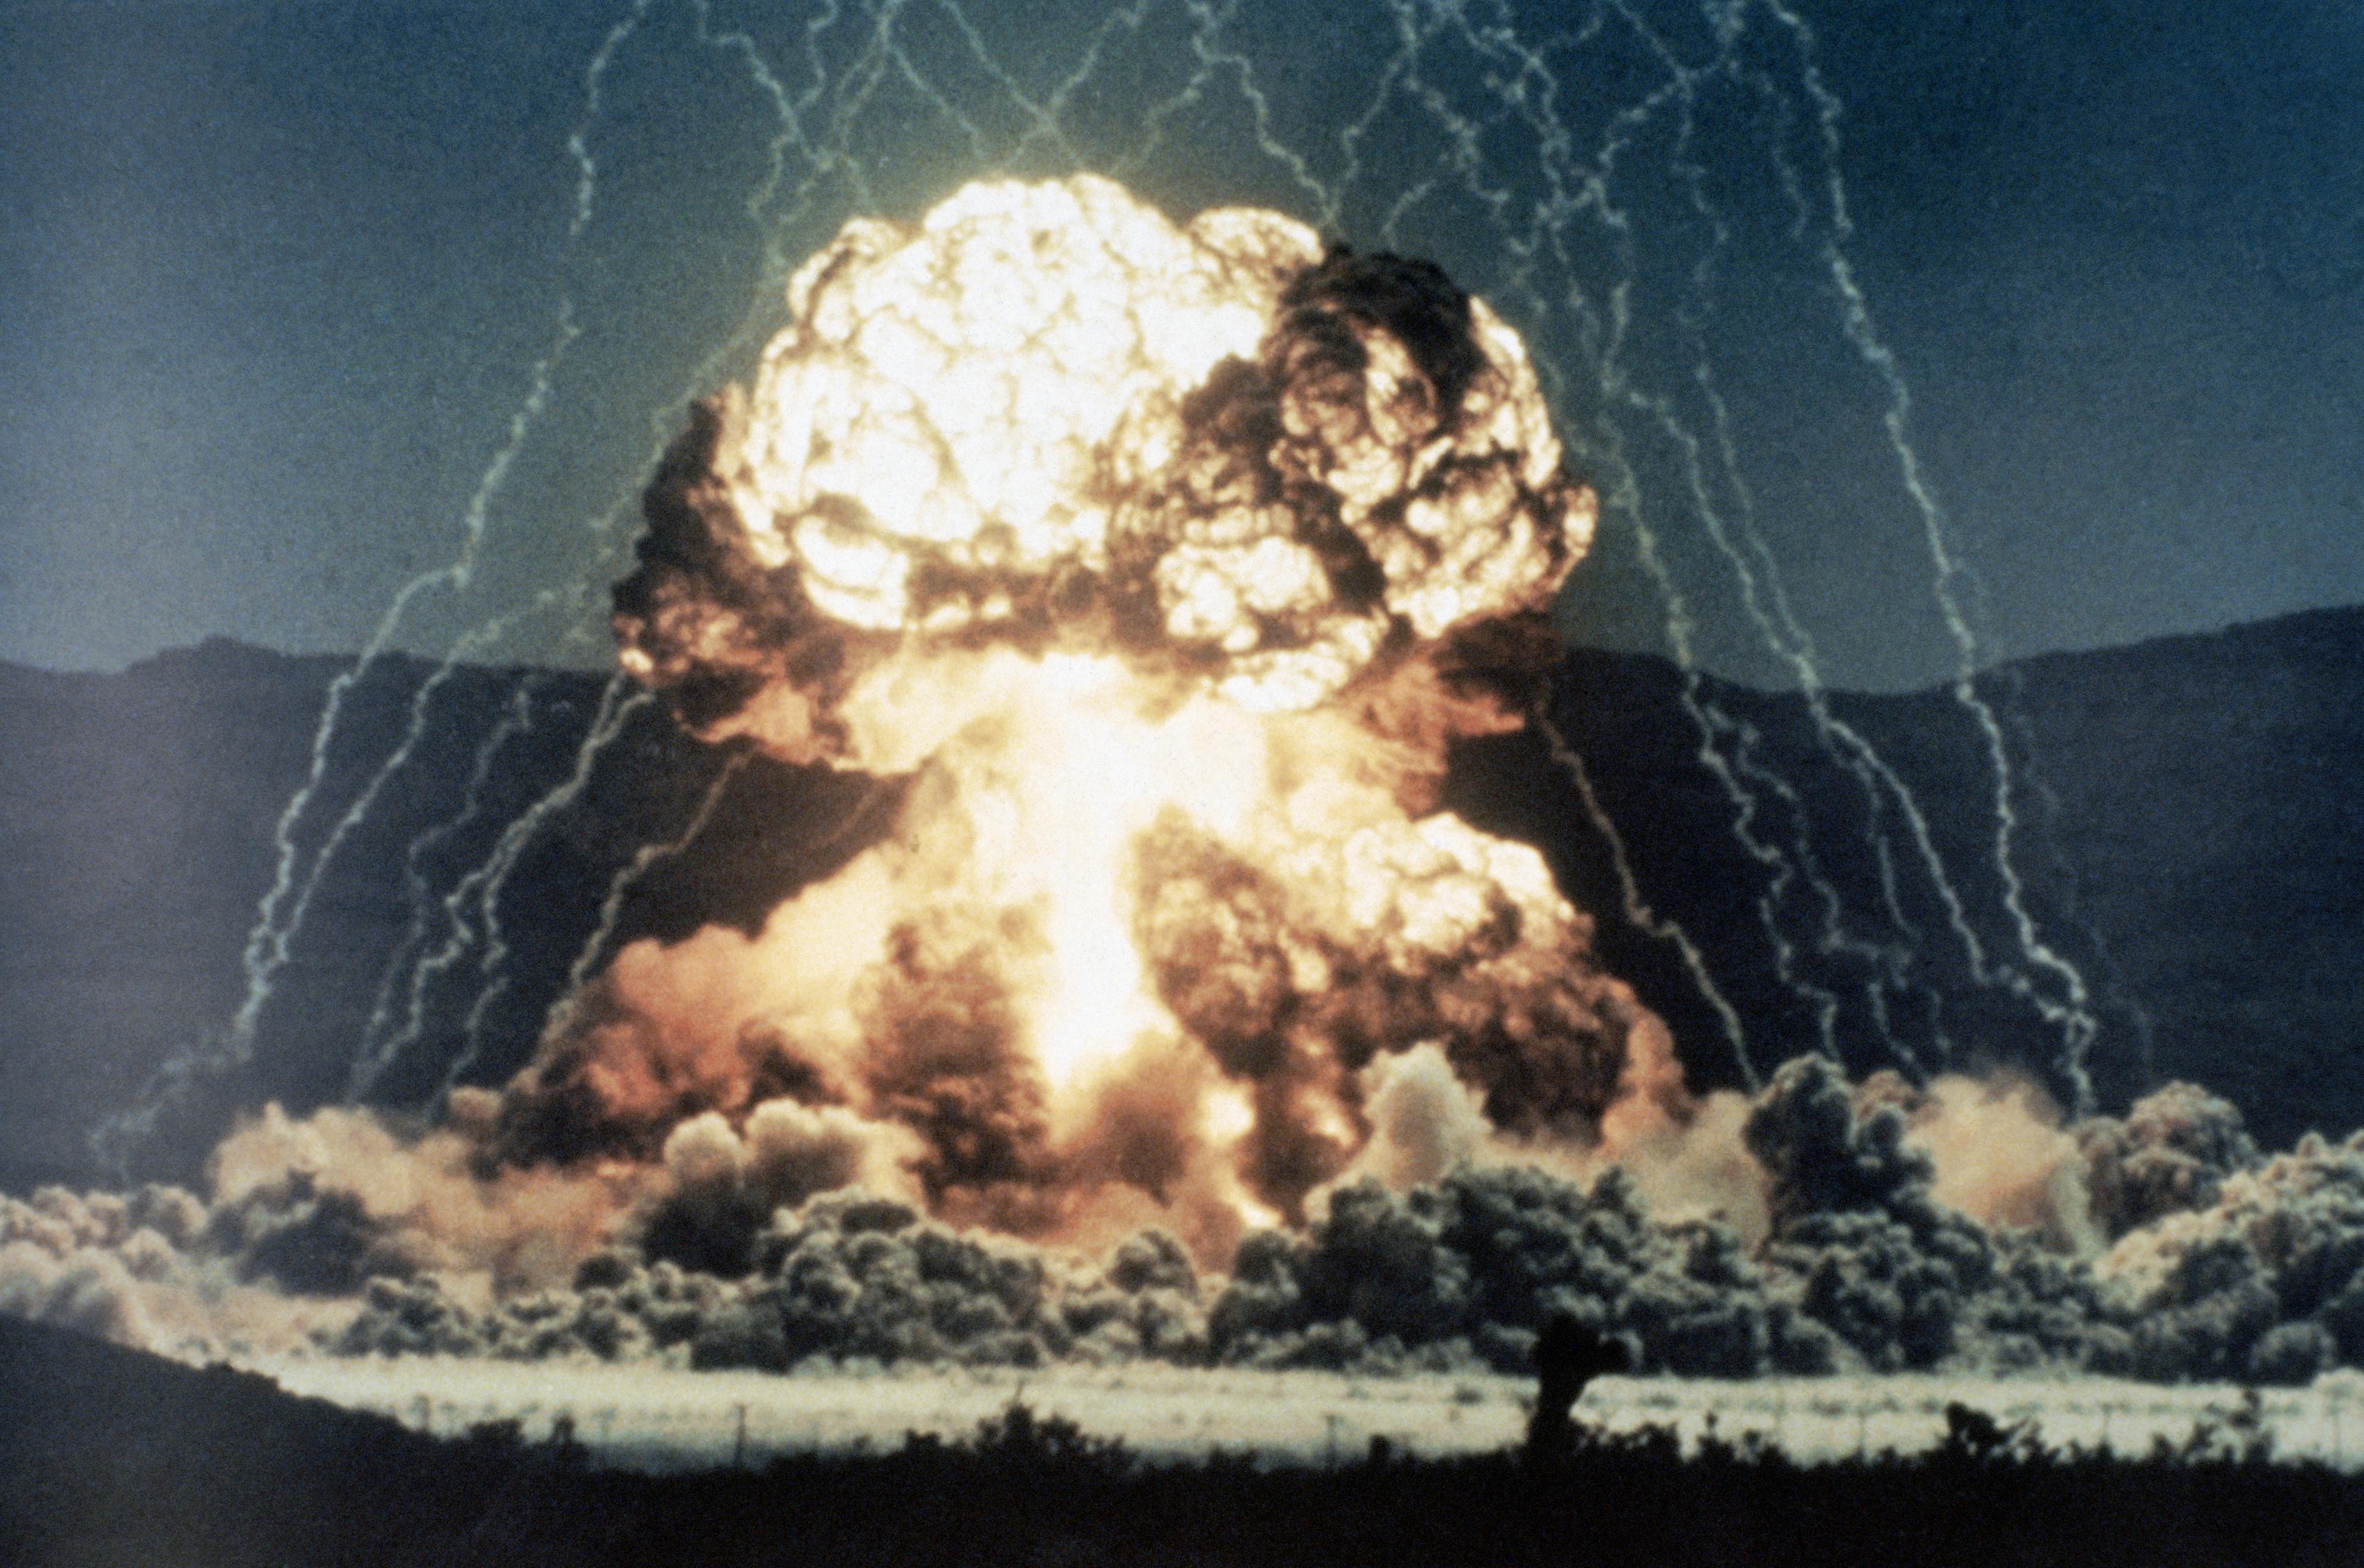 Autoproclamado 'mensajero de Dios' Horacio Villegas piensa que la 3ª Guerra Mundial comenzará a finales de este año